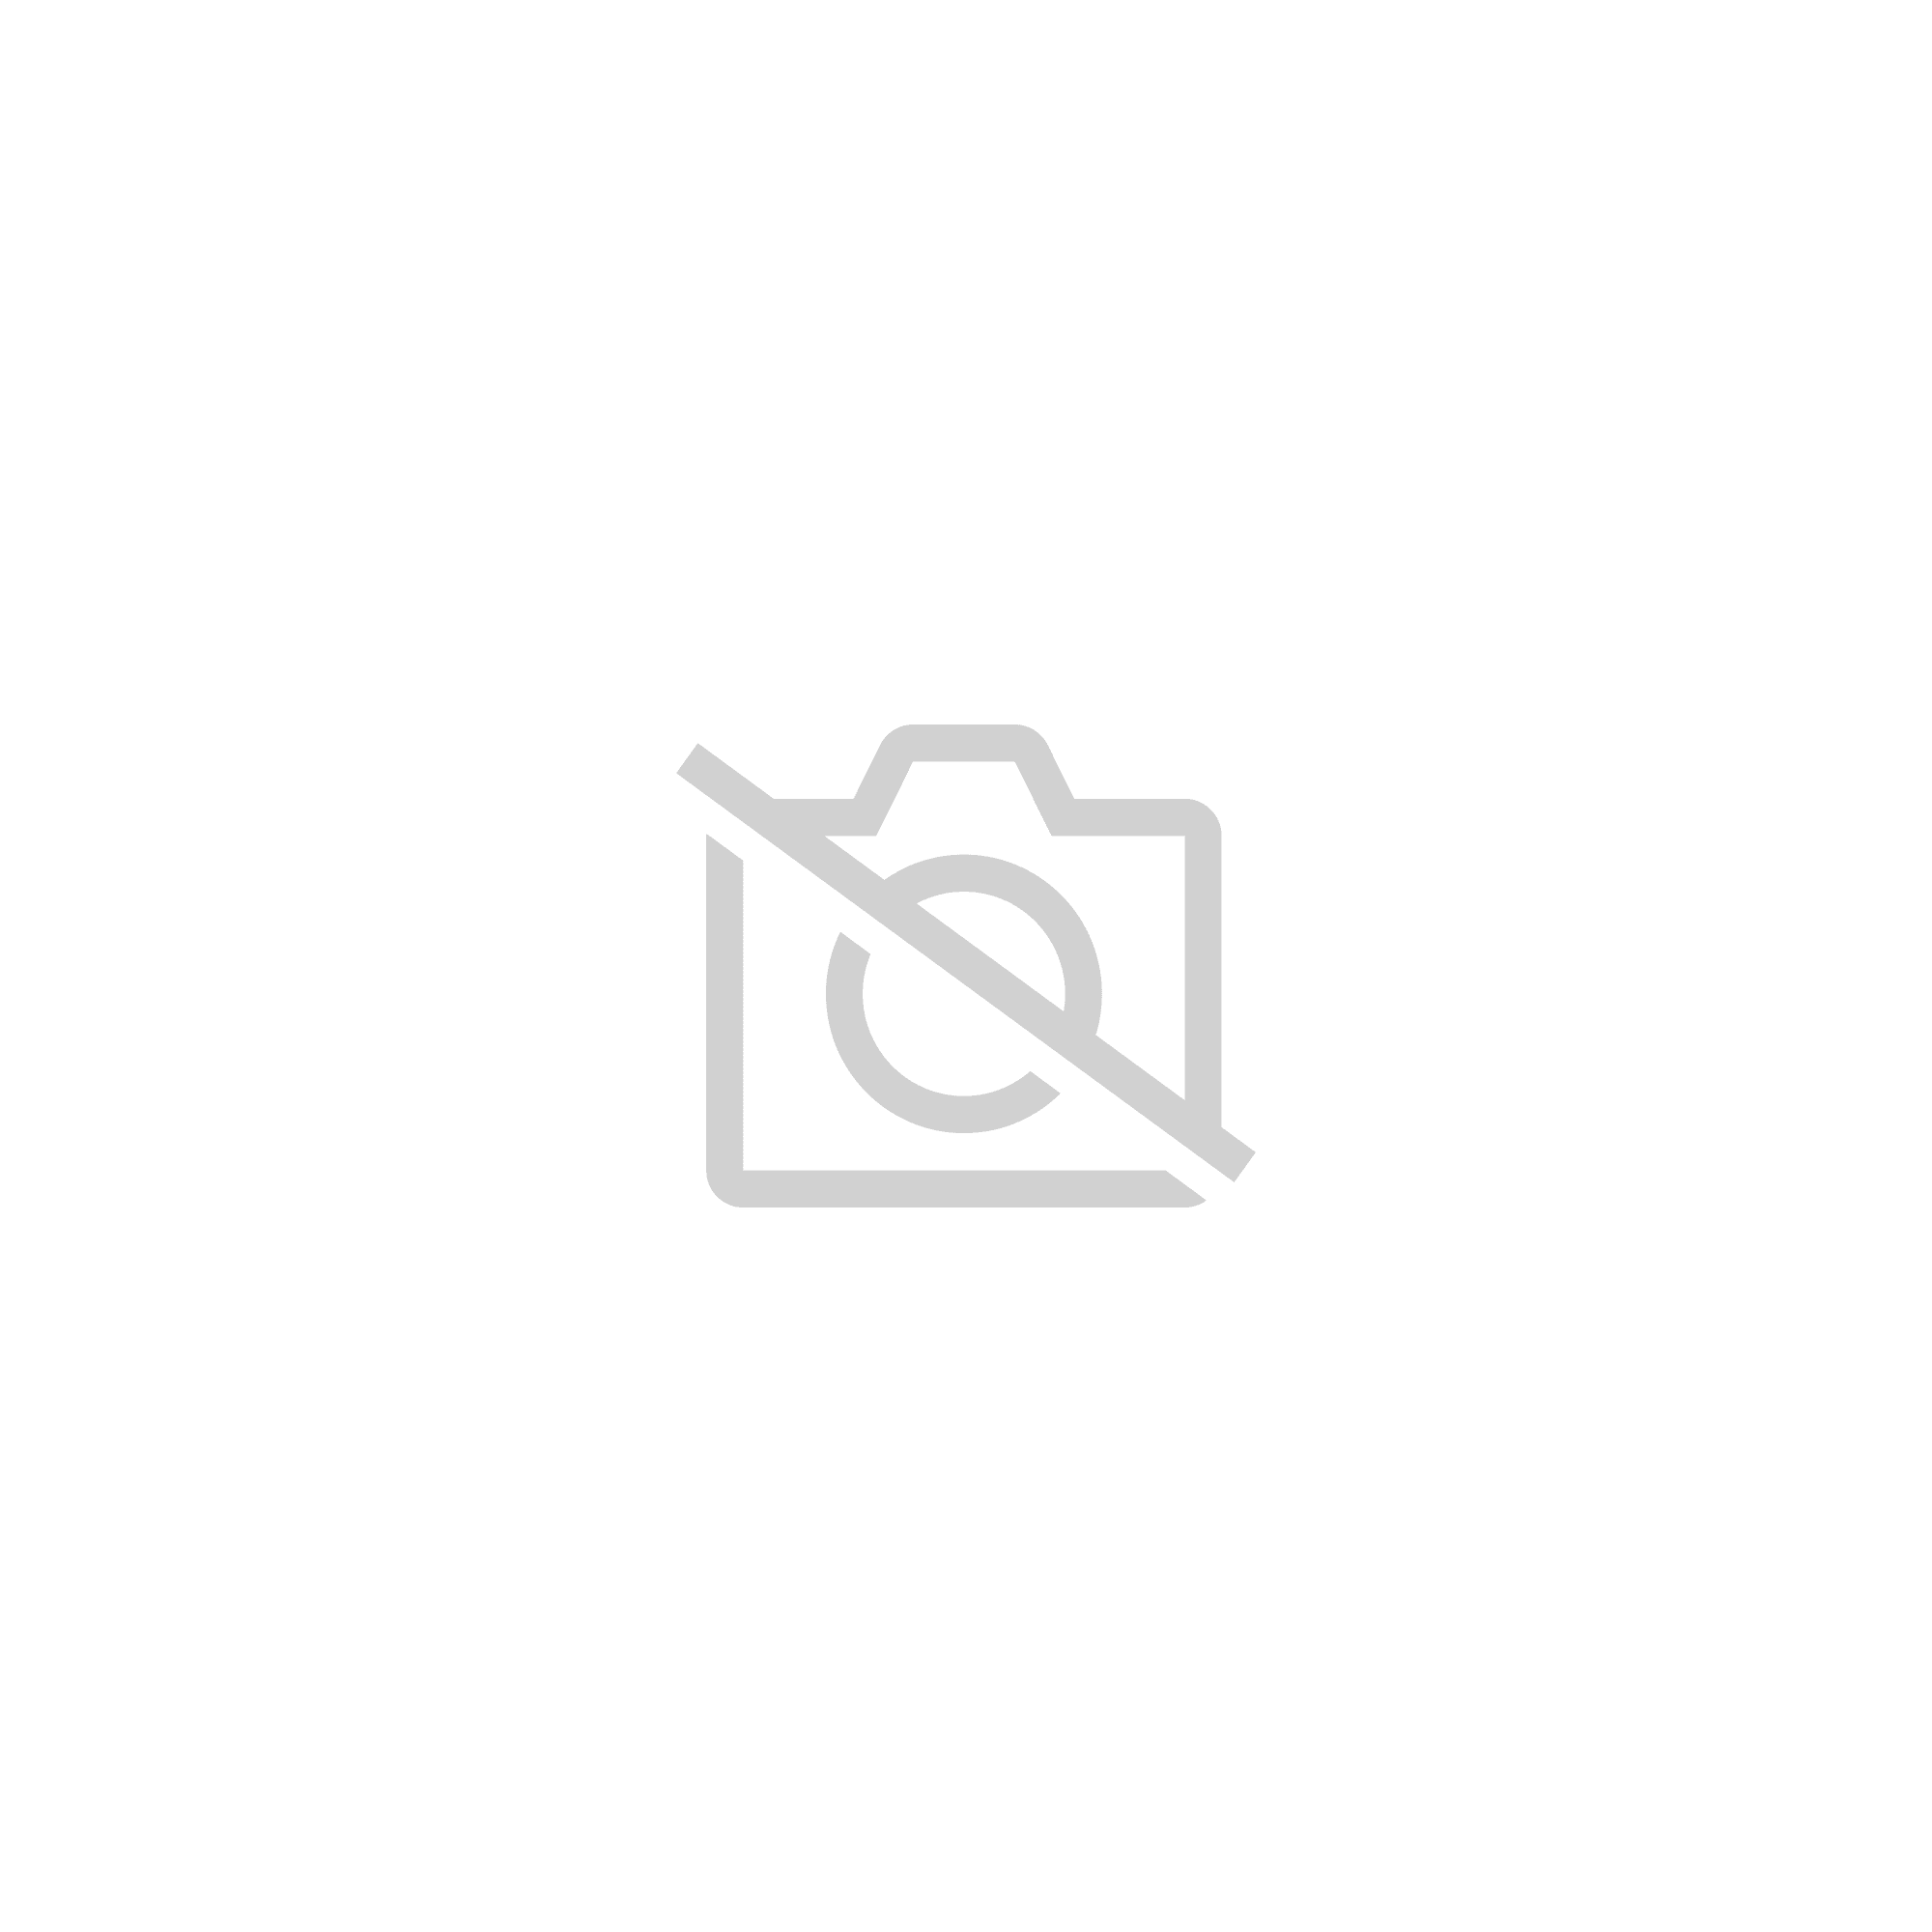 Soufflet de Levier de Vitesse en Simili Cuir Blanc AERZETIX